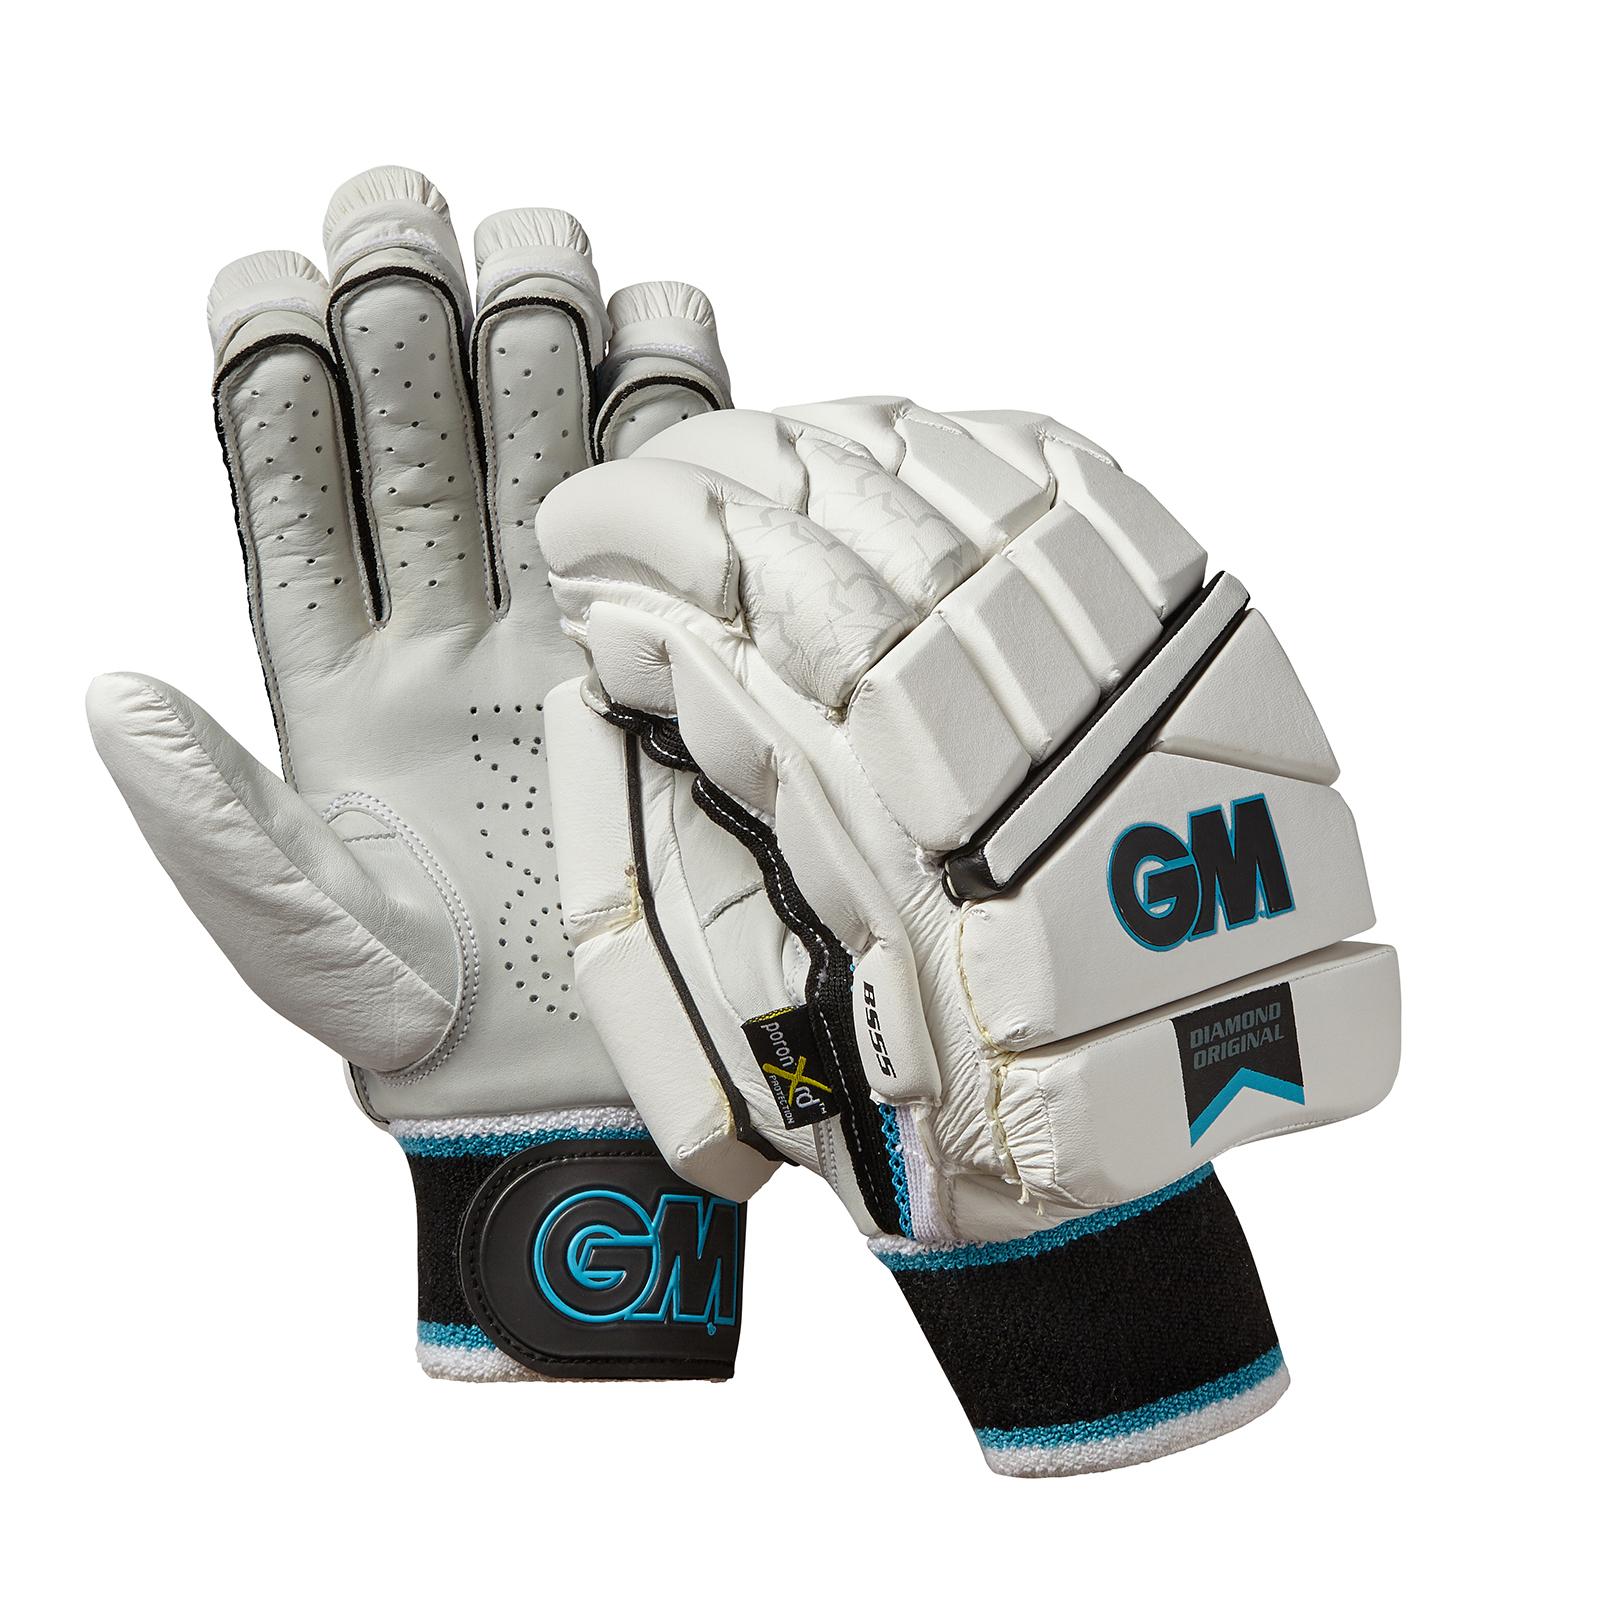 Gunn /& Moore Diamond Batting Gloves